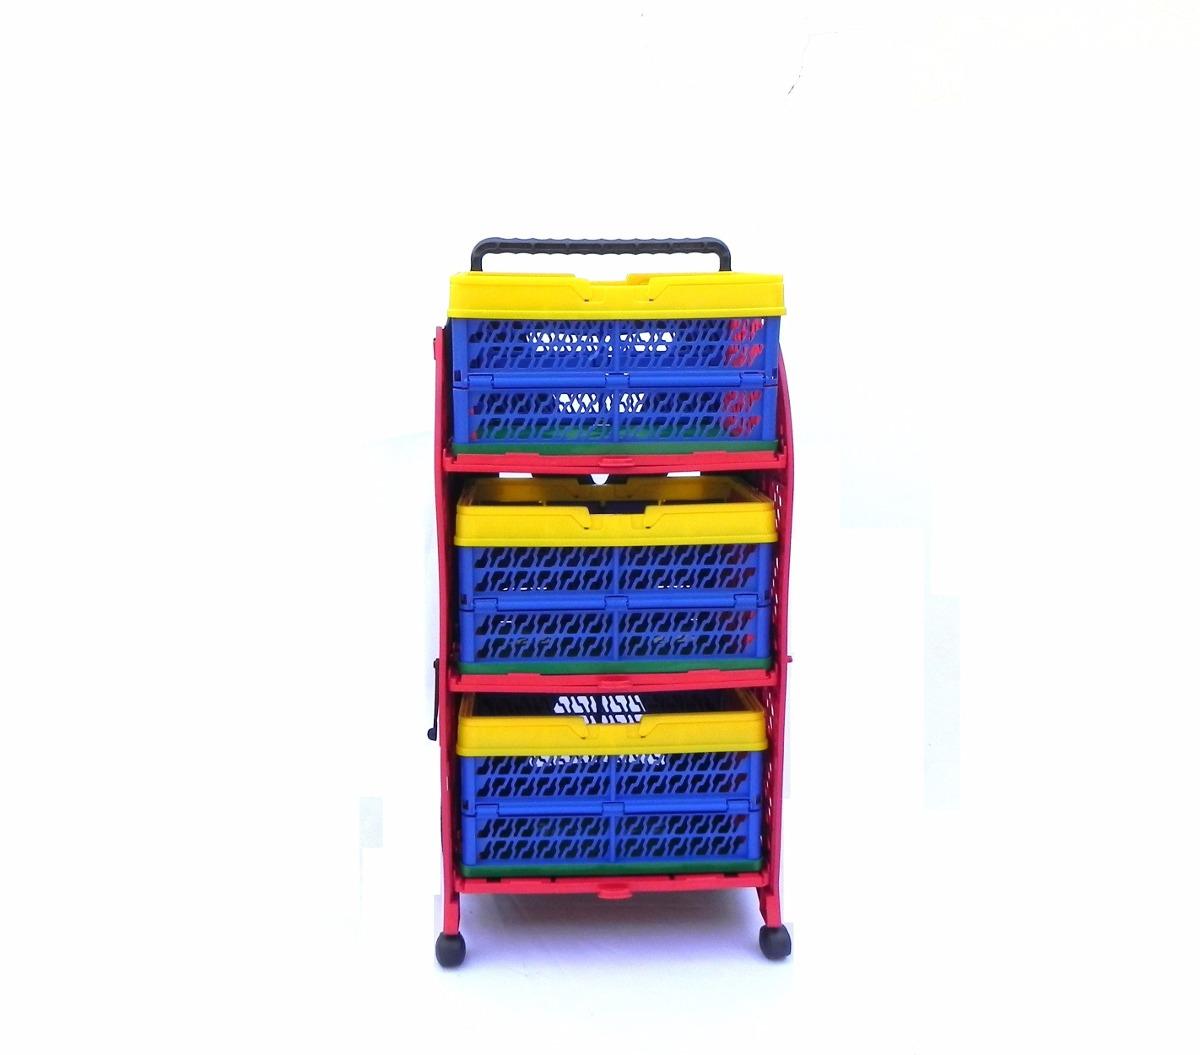 b58a993ff1d6 Carrinho De Compras Desmontável Multiuso - R$ 250,00 em Mercado Livre